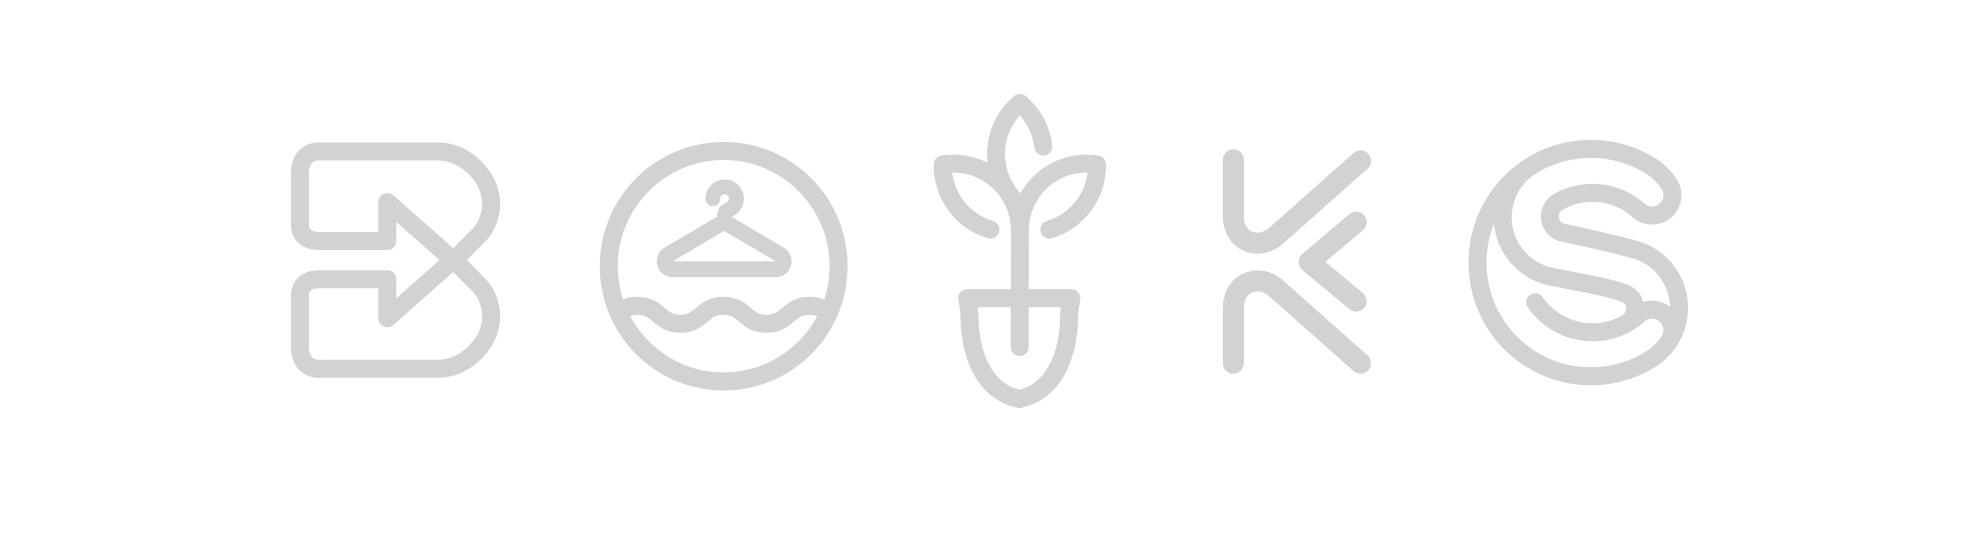 Forum pour l'emploi identité visuelle logos, Bummelbus, am Gaertchen, Haushellef, Klammschoul, Service aux citoyens